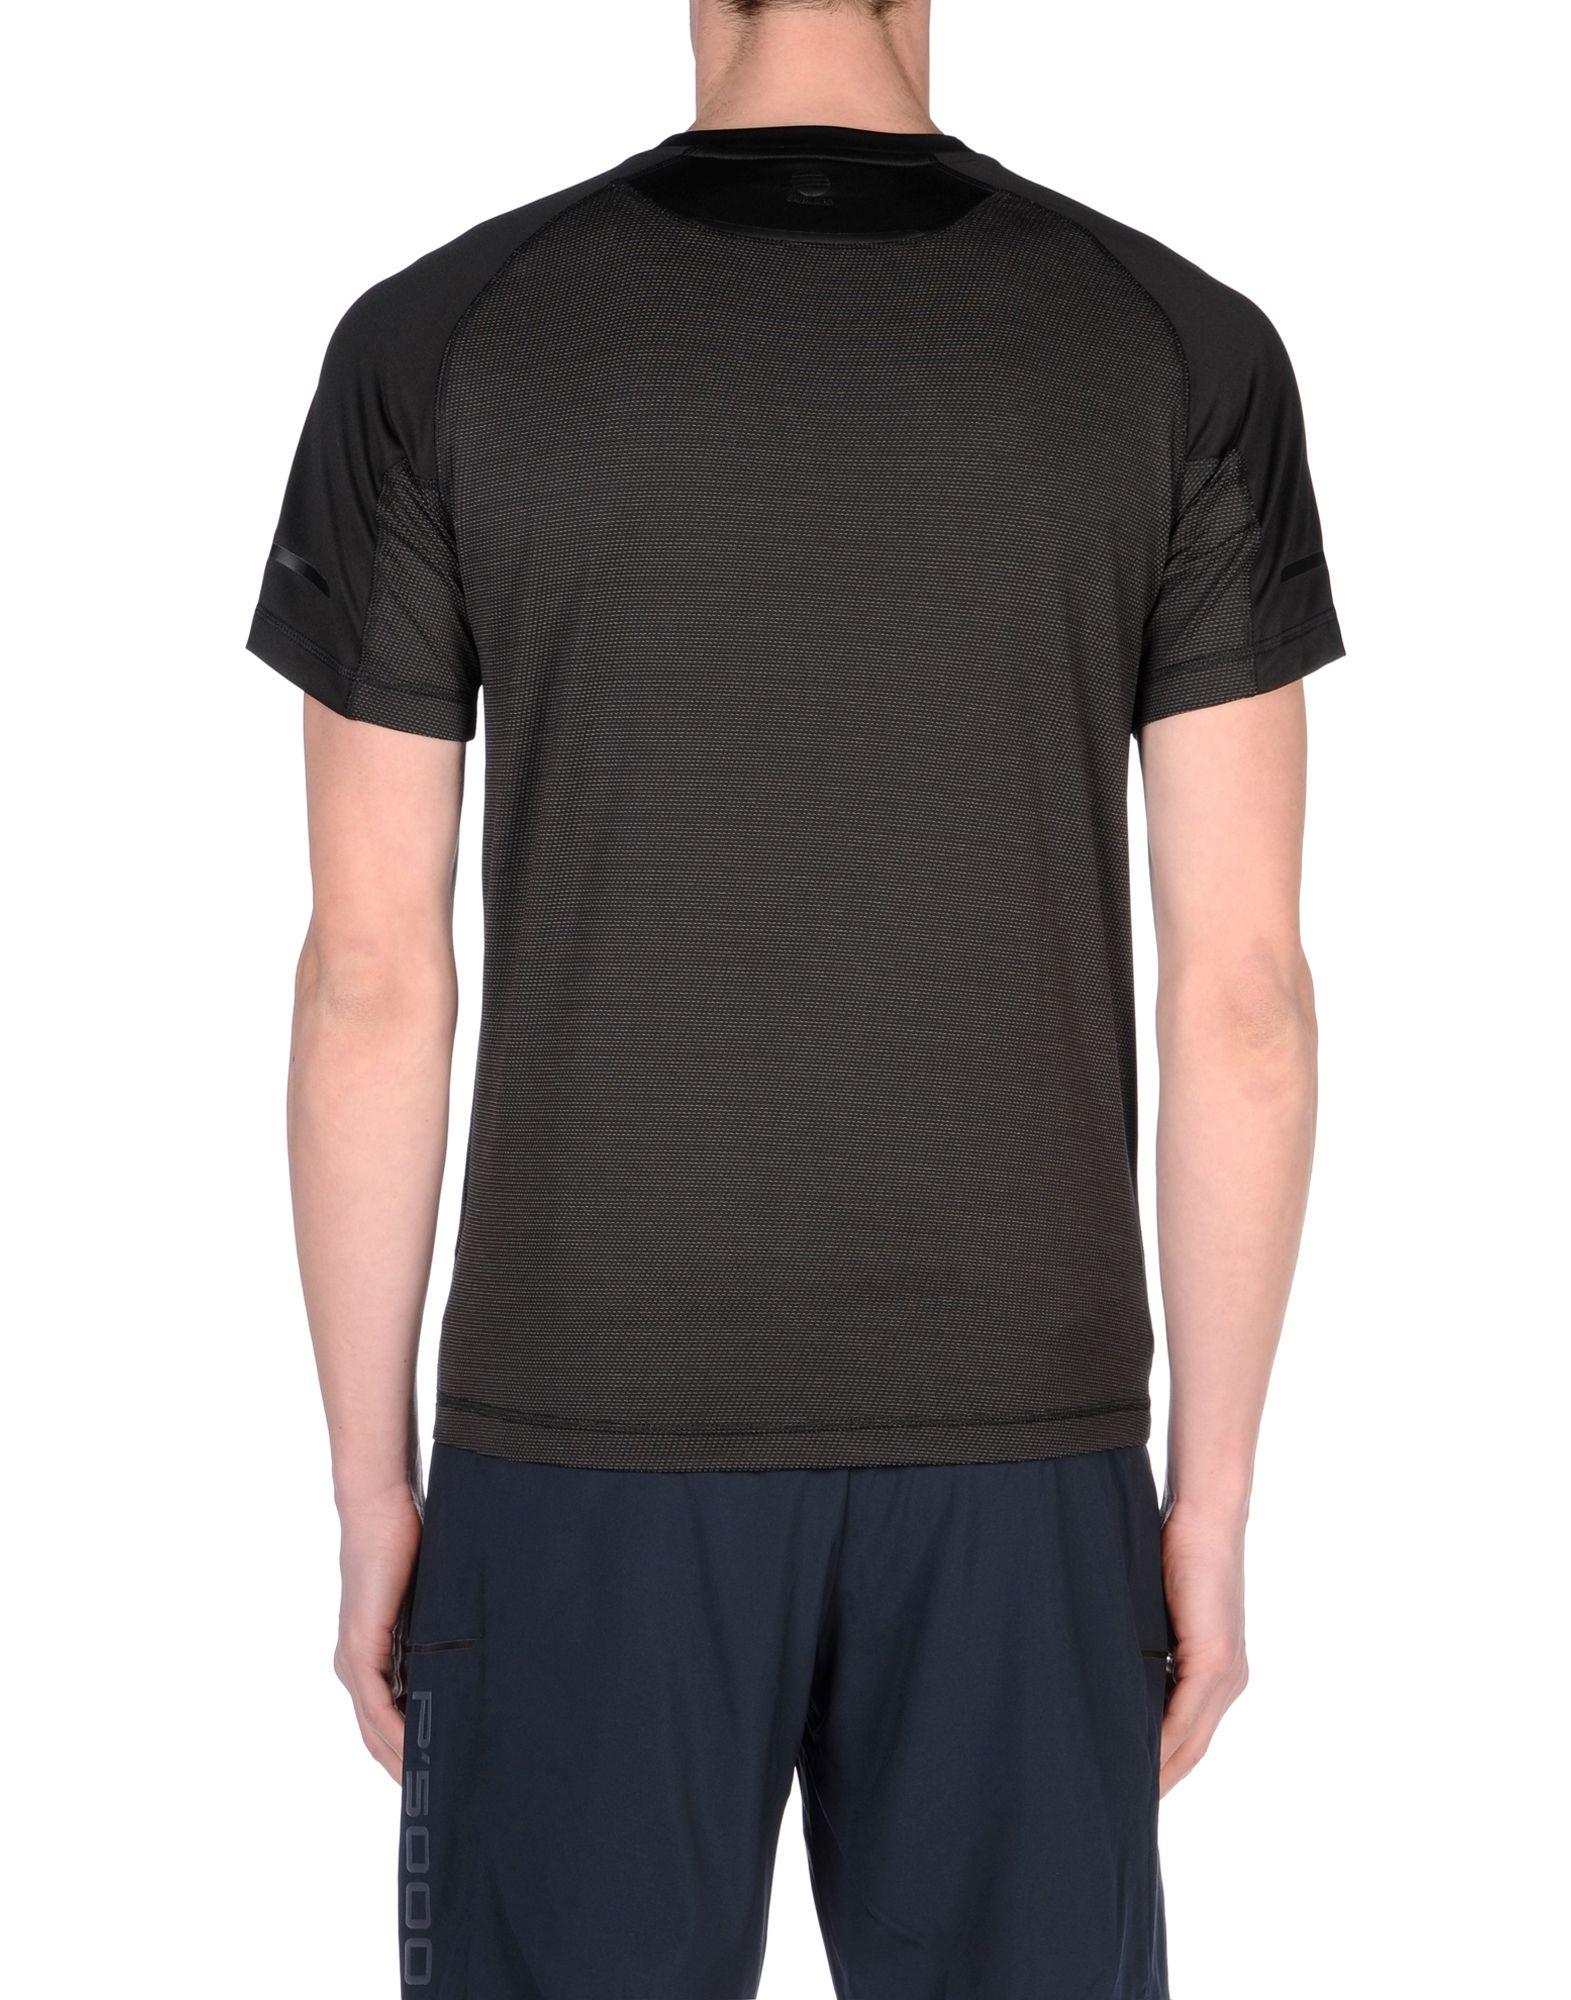 Porsche Design Sport By Adidas T Shirt In Black For Men Lyst